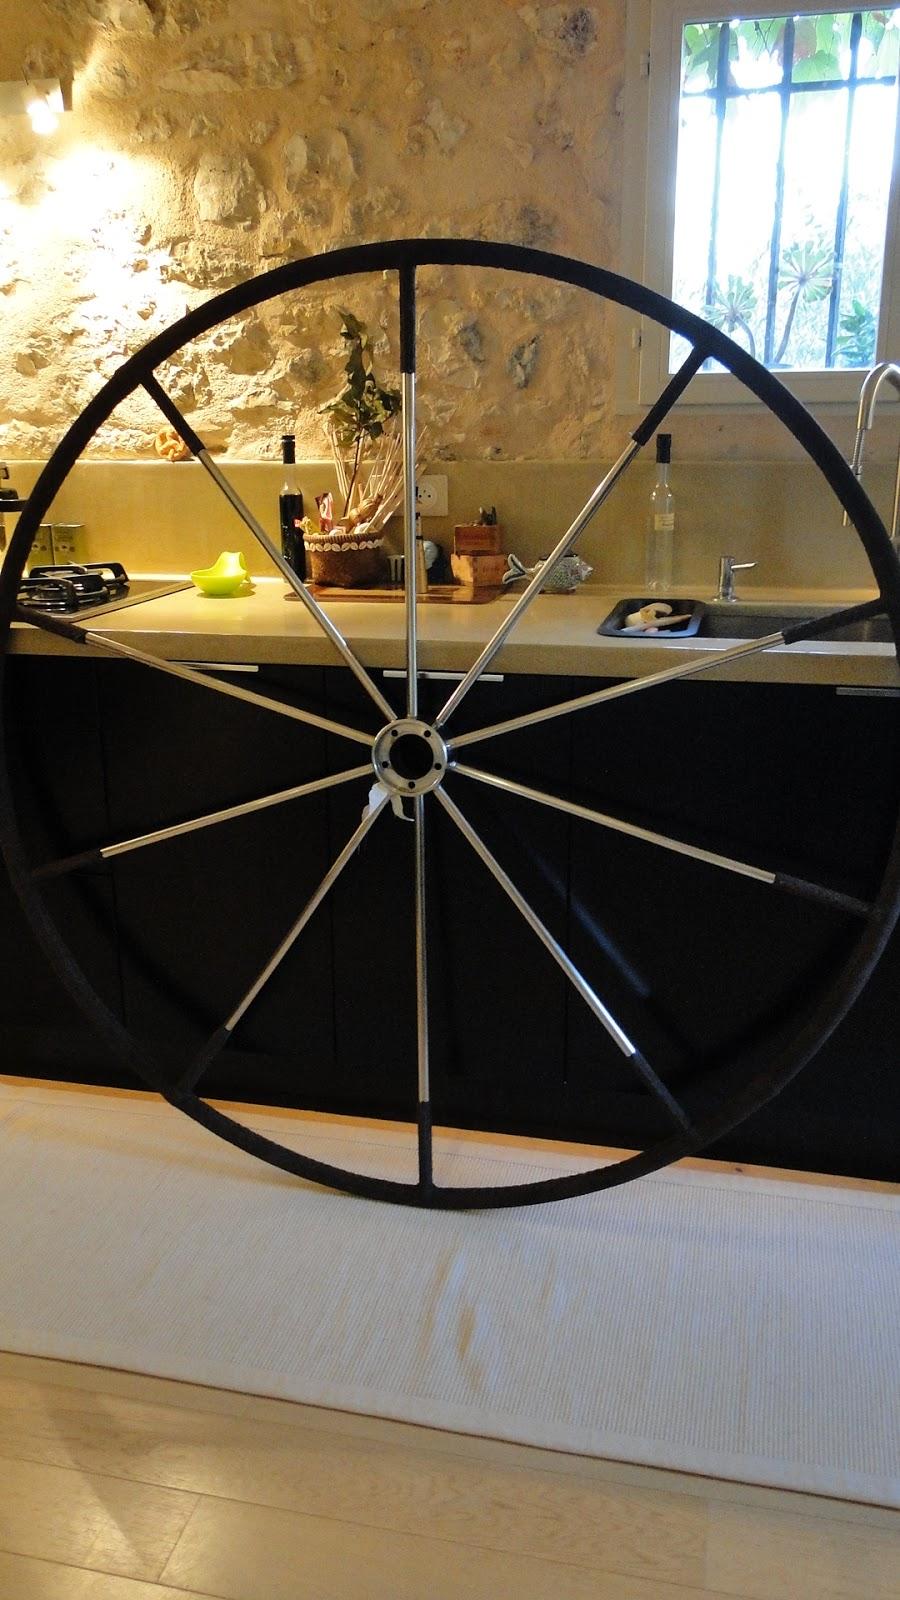 Marie le cornec gainage de barre roue - Housse de barre a roue ...